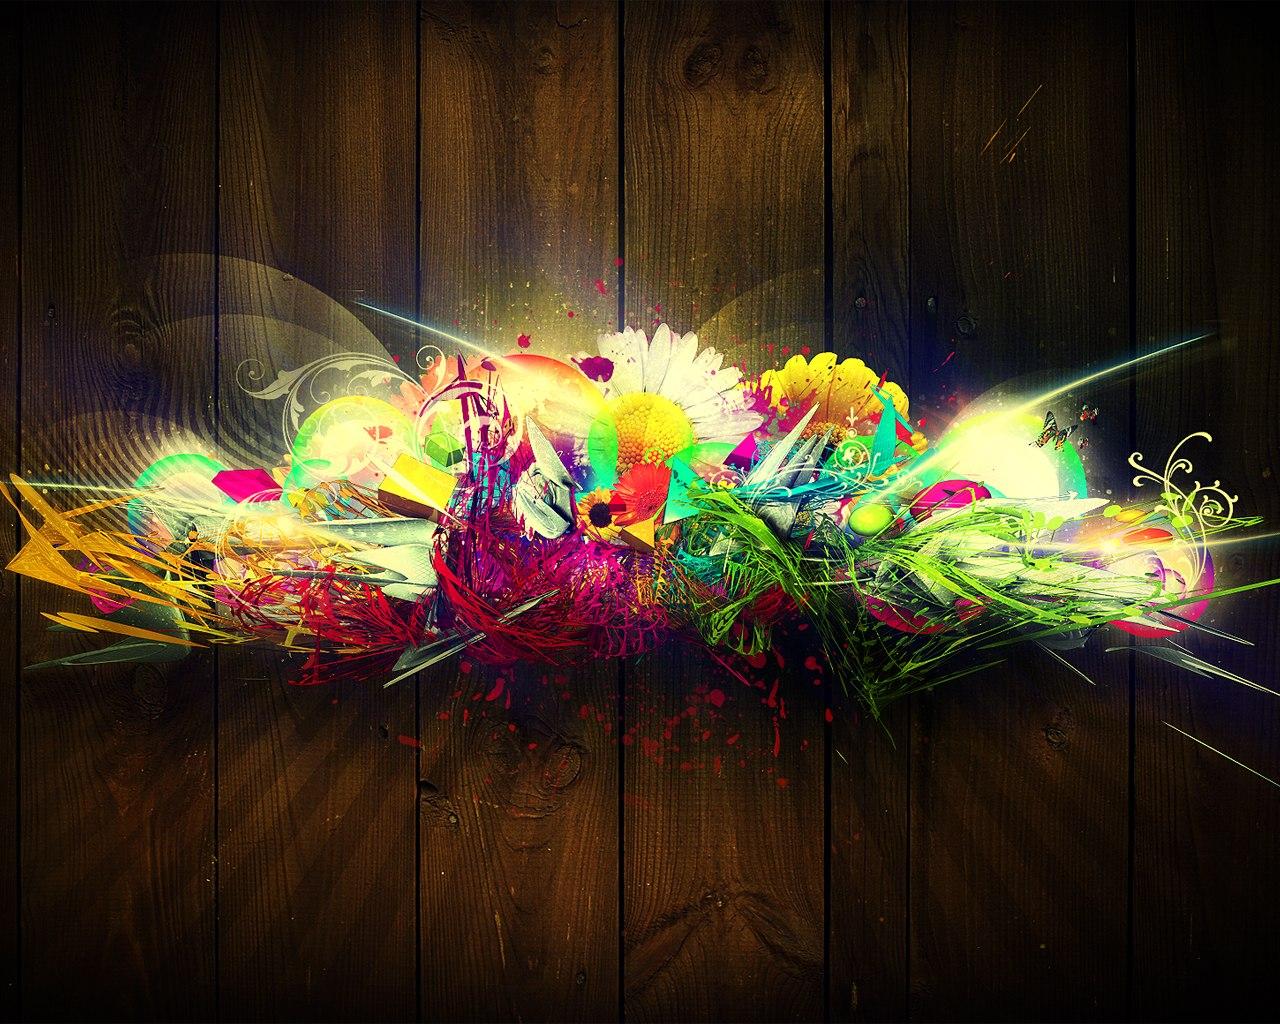 Flower Graffiti Abstract Wallpaper 14788 Wallpaper High 1280x1024